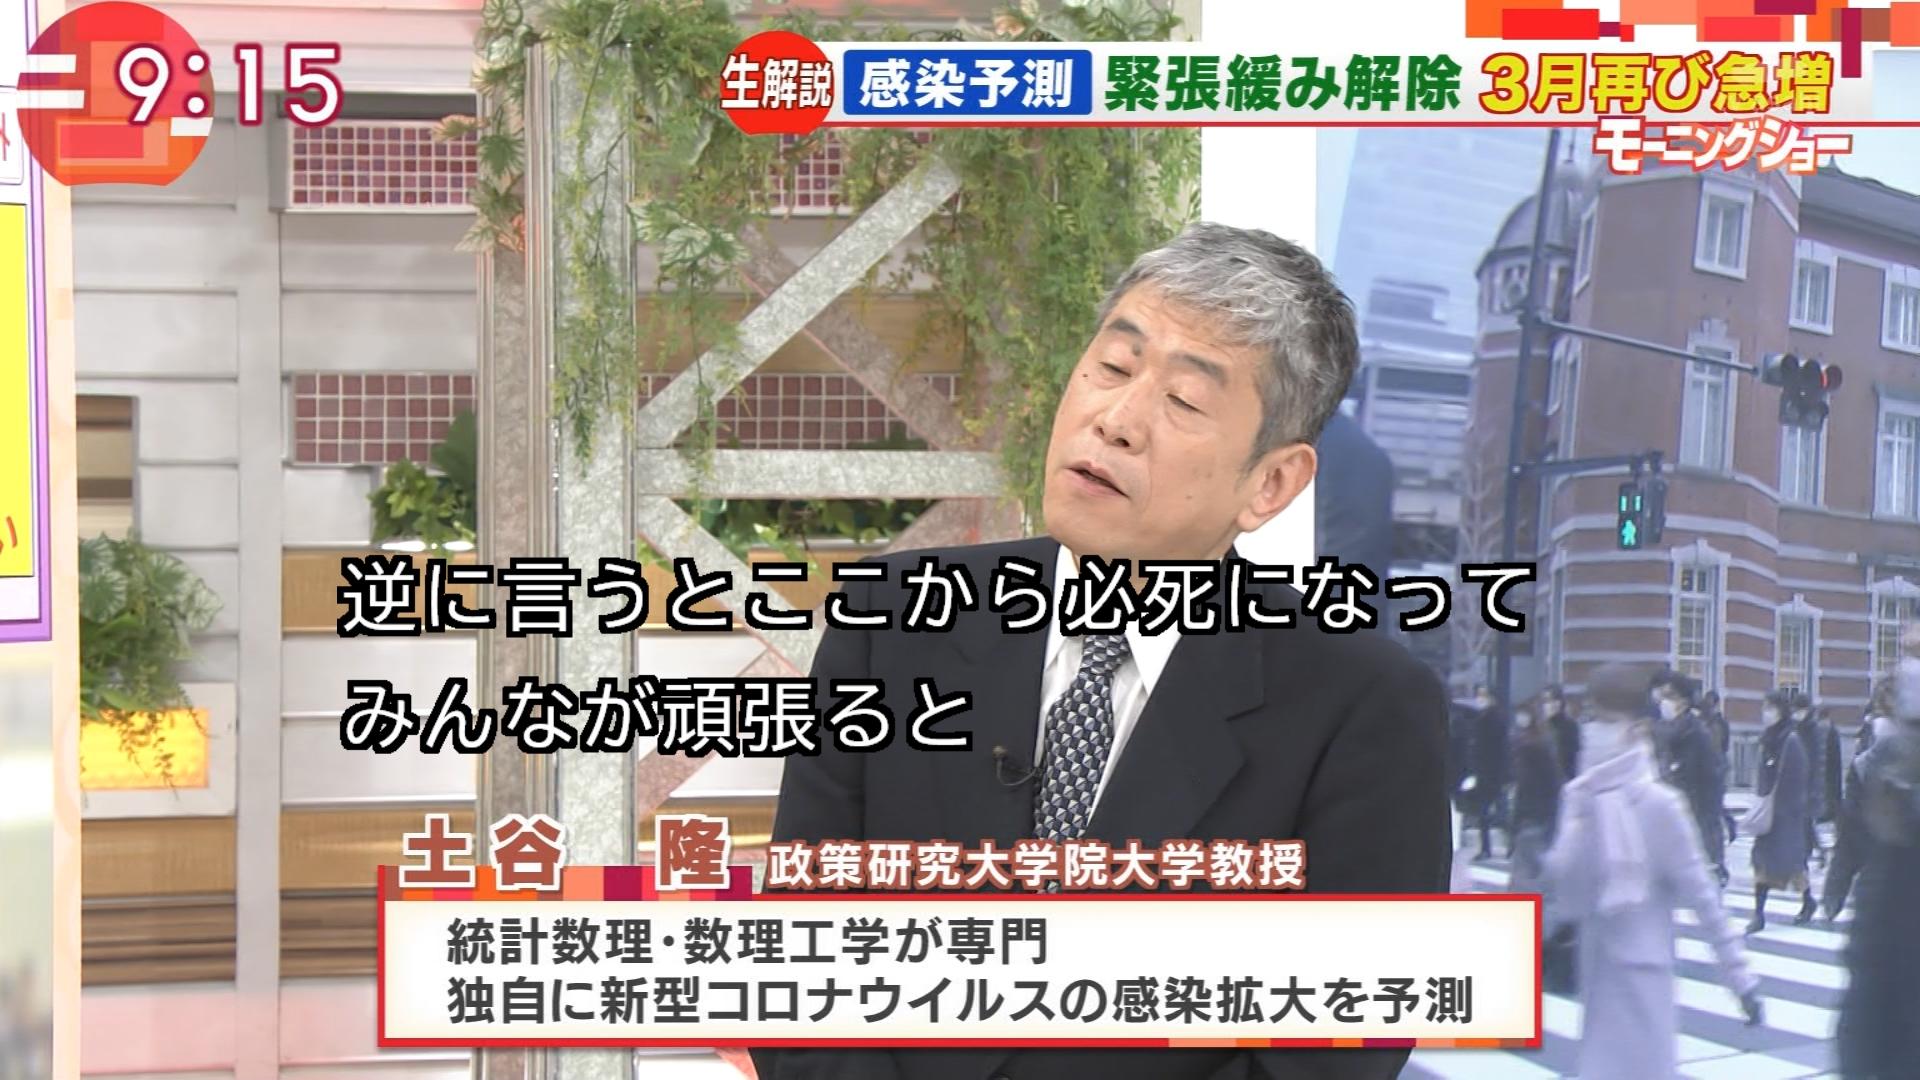 放送 禁止 用語 英語 放送禁止用語 - 日本語 - 英語 翻訳と例